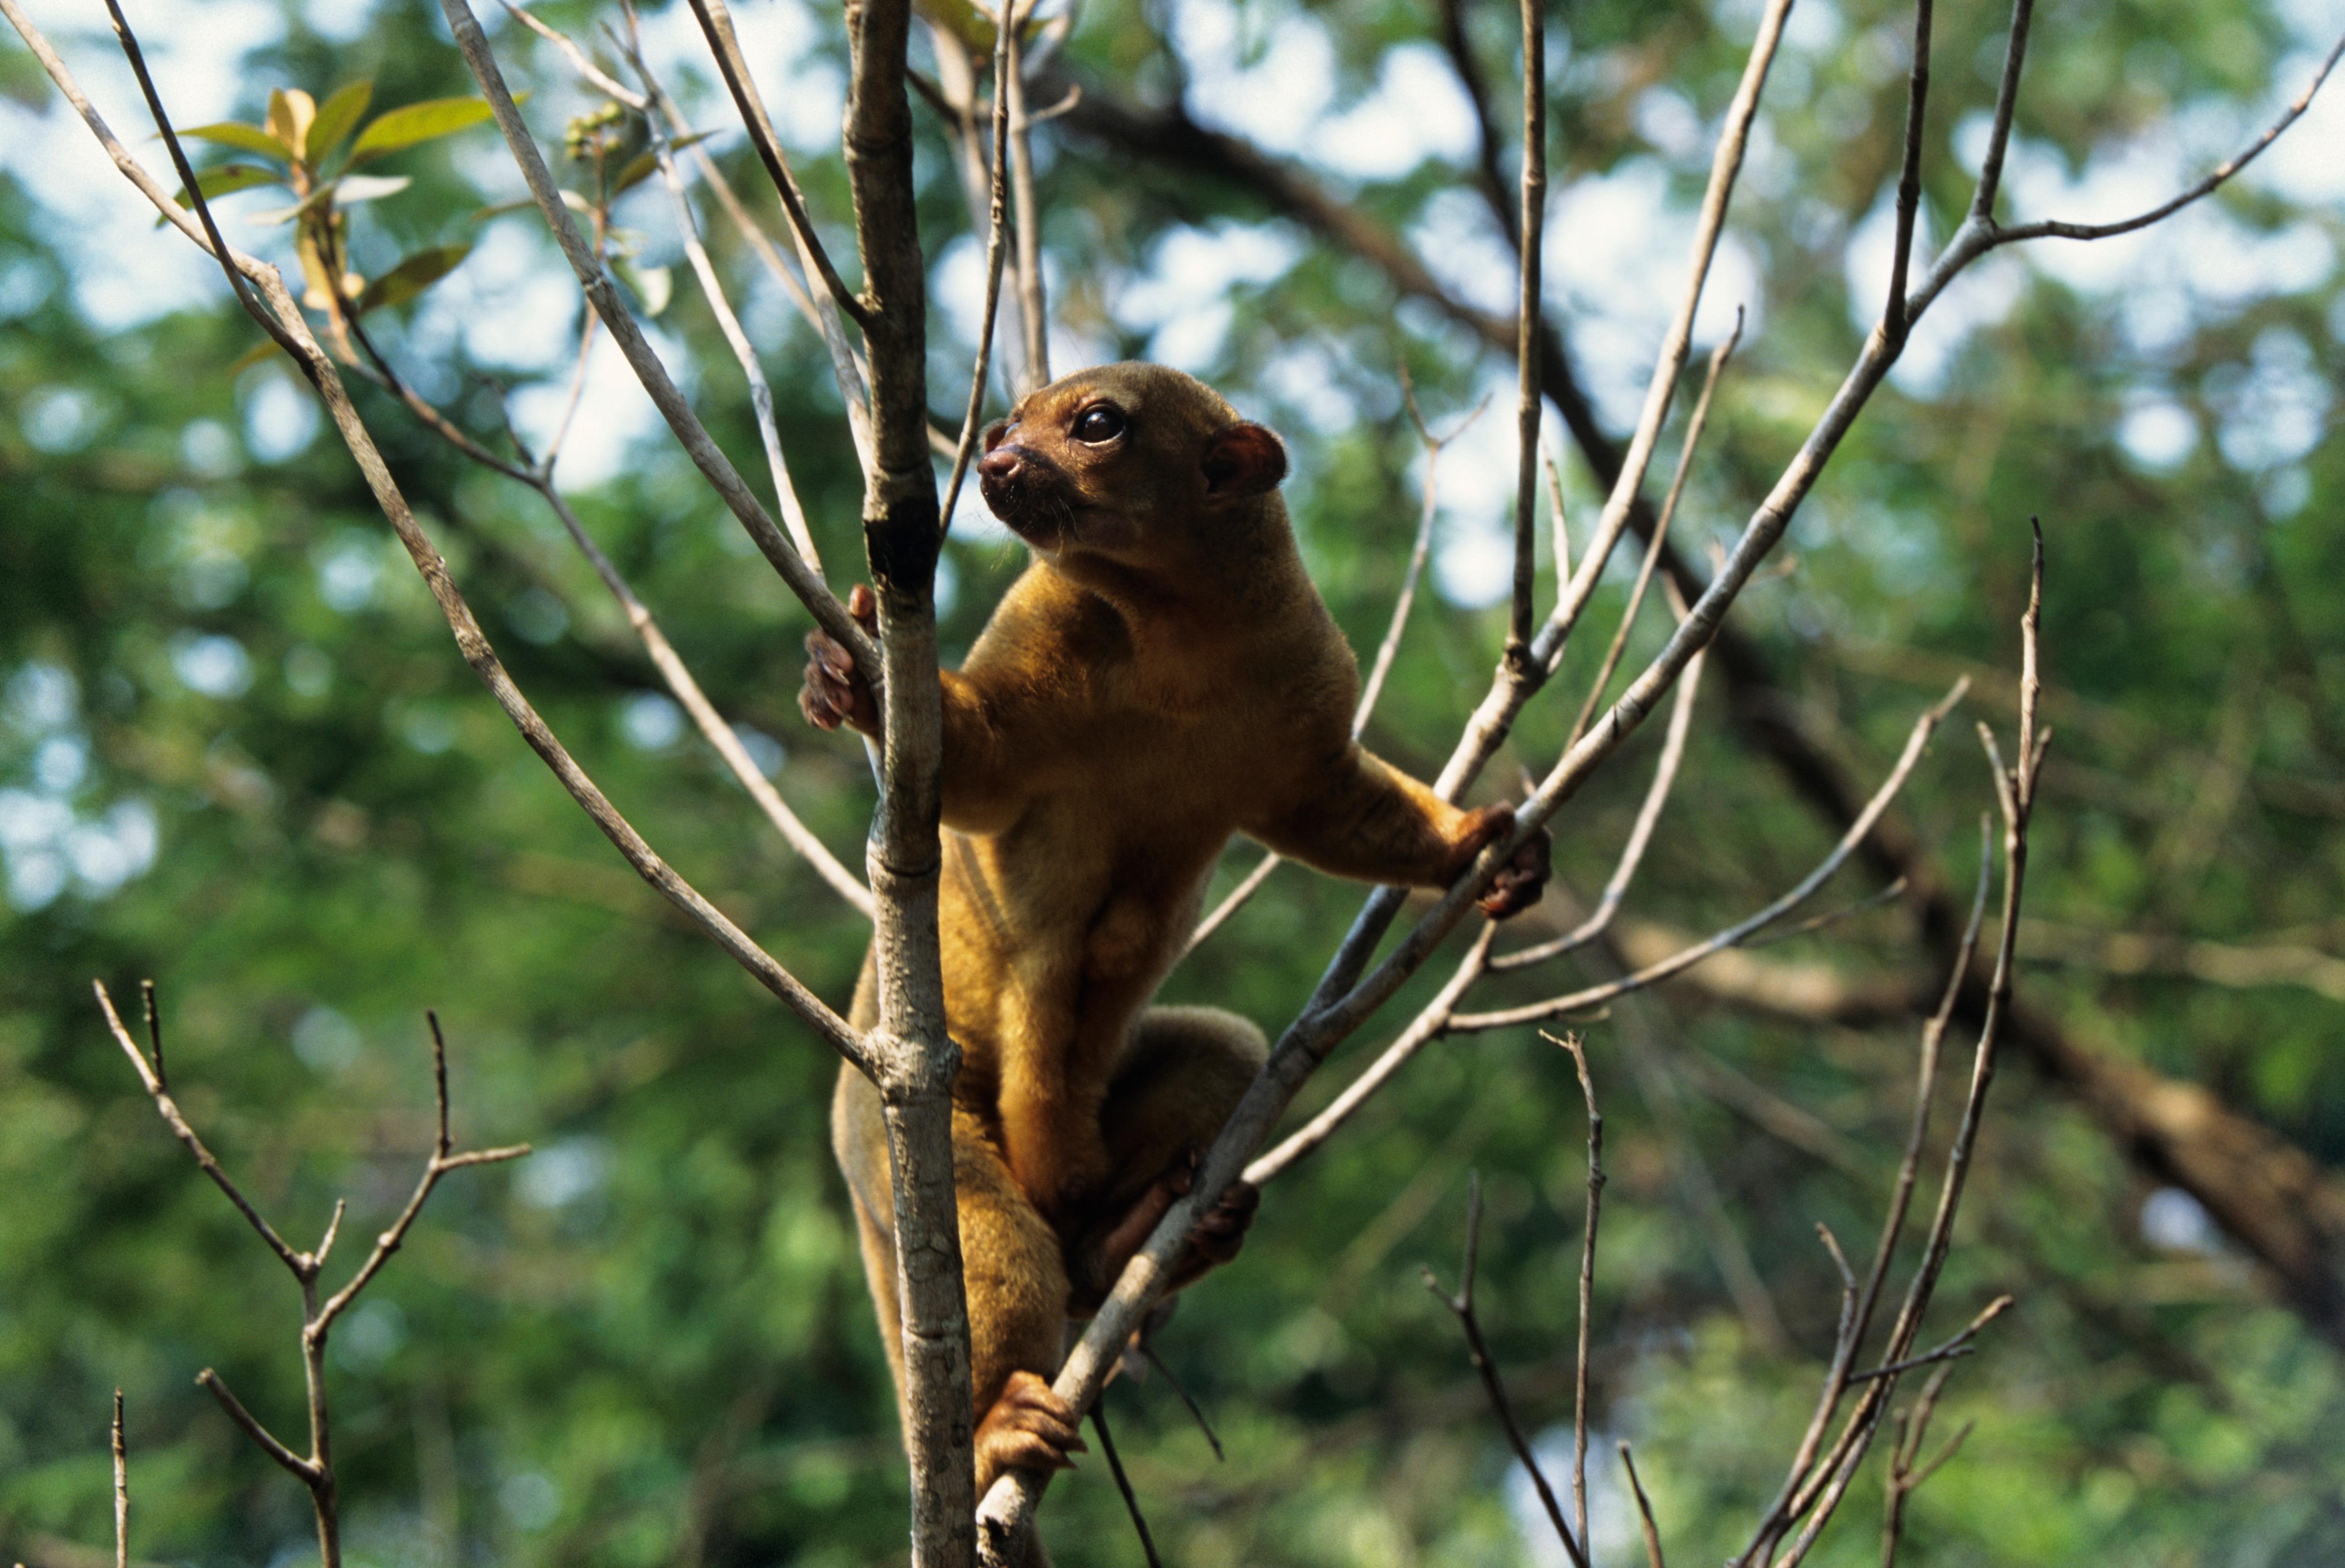 kinkajou in a tree